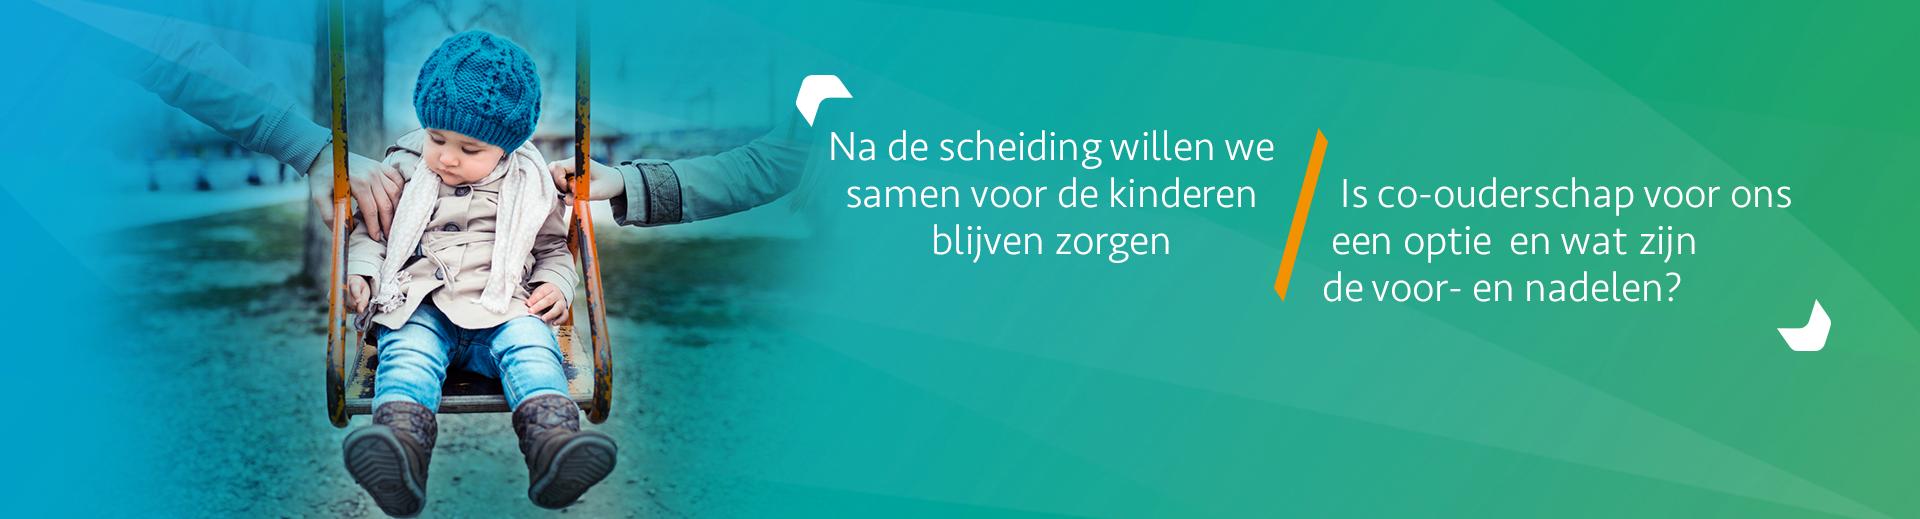 Wat is co-ouderschap? Inclusief test - Scheidingsplanner Hilversum - Bilthoven - Soest - Het Gooi